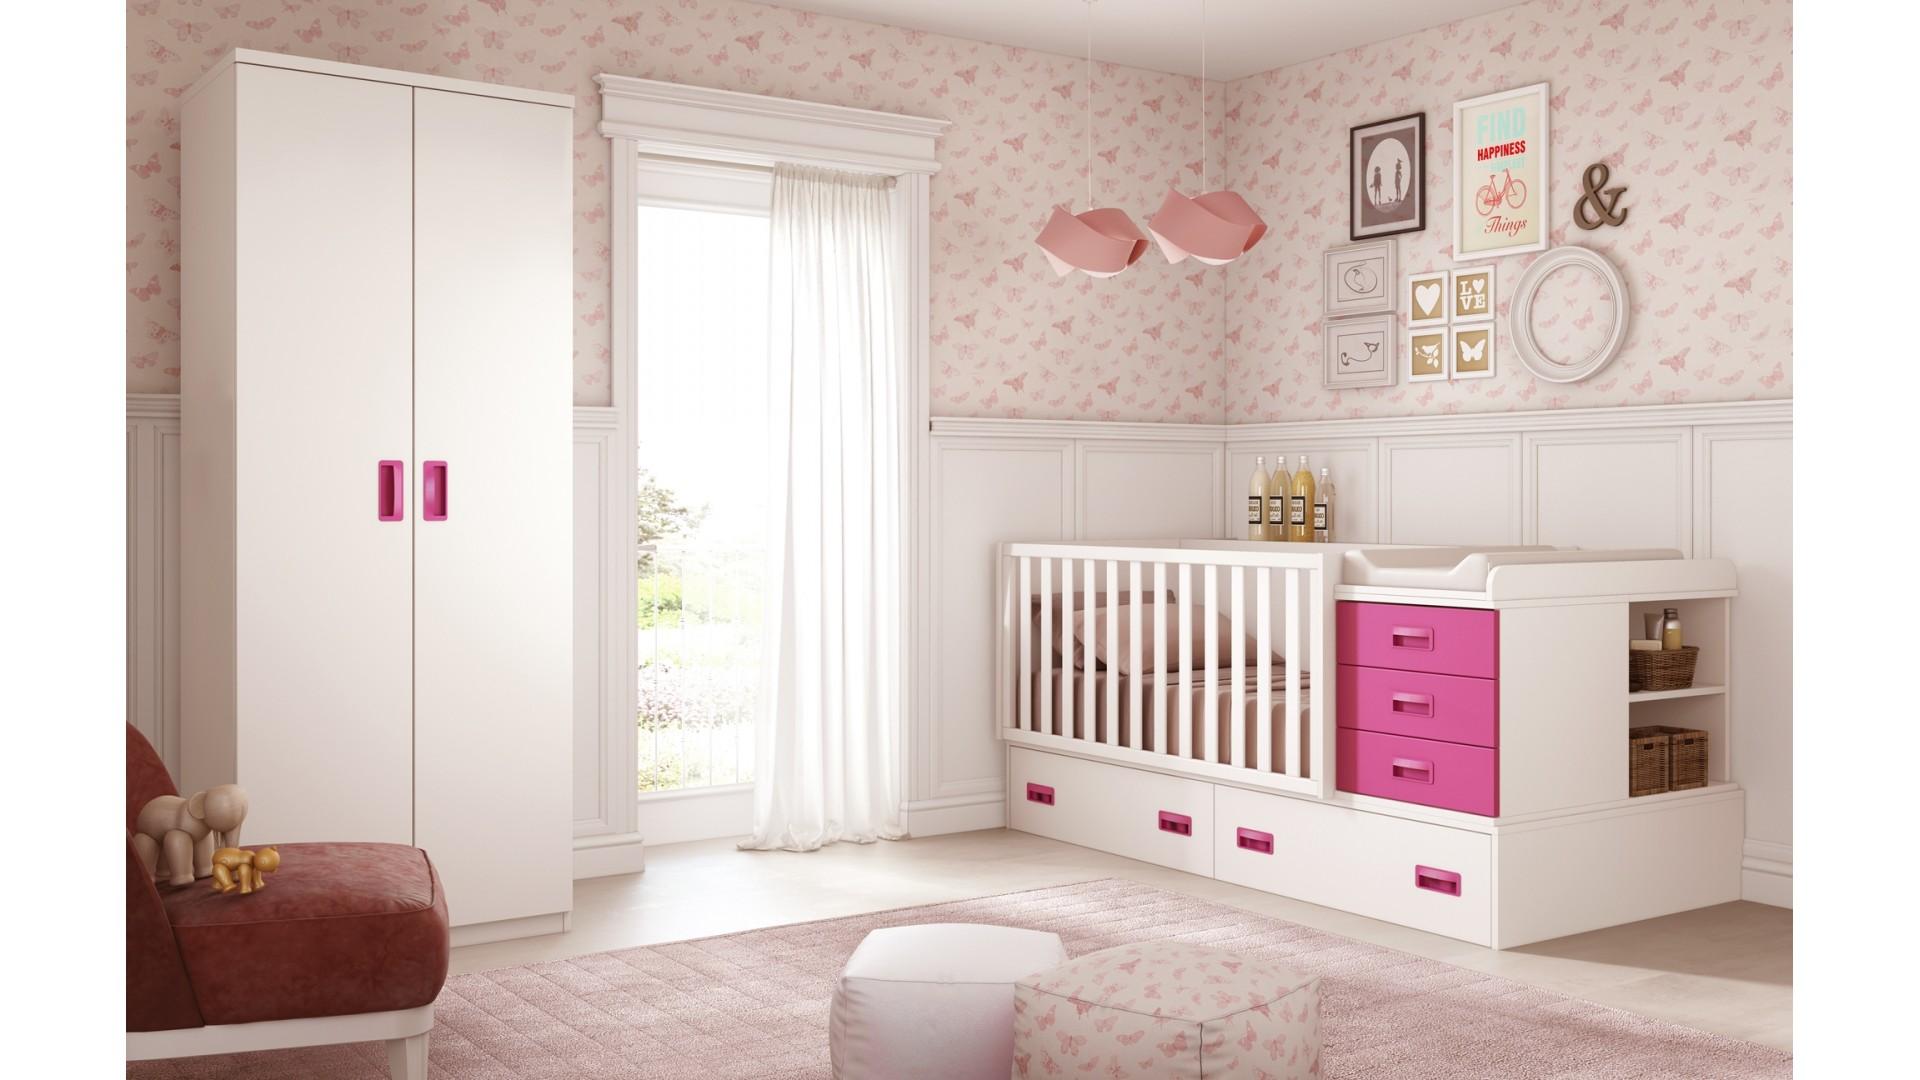 Chambre De Bébé Complete | Chambre Bébé Complète Robin